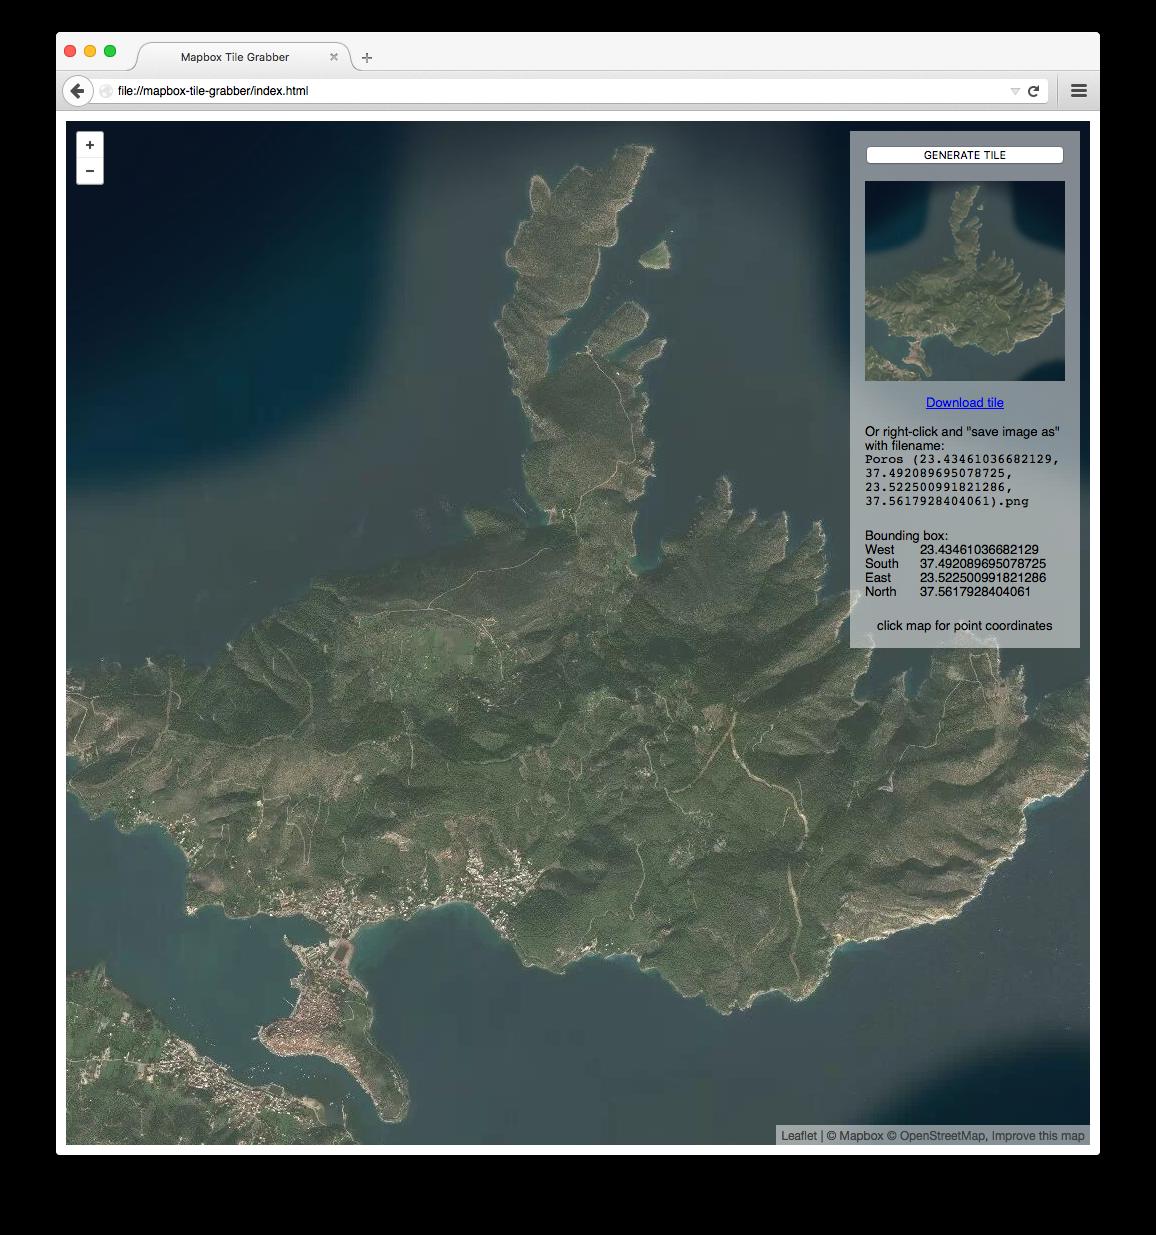 Screenshot-MapboxTileGrabber.png